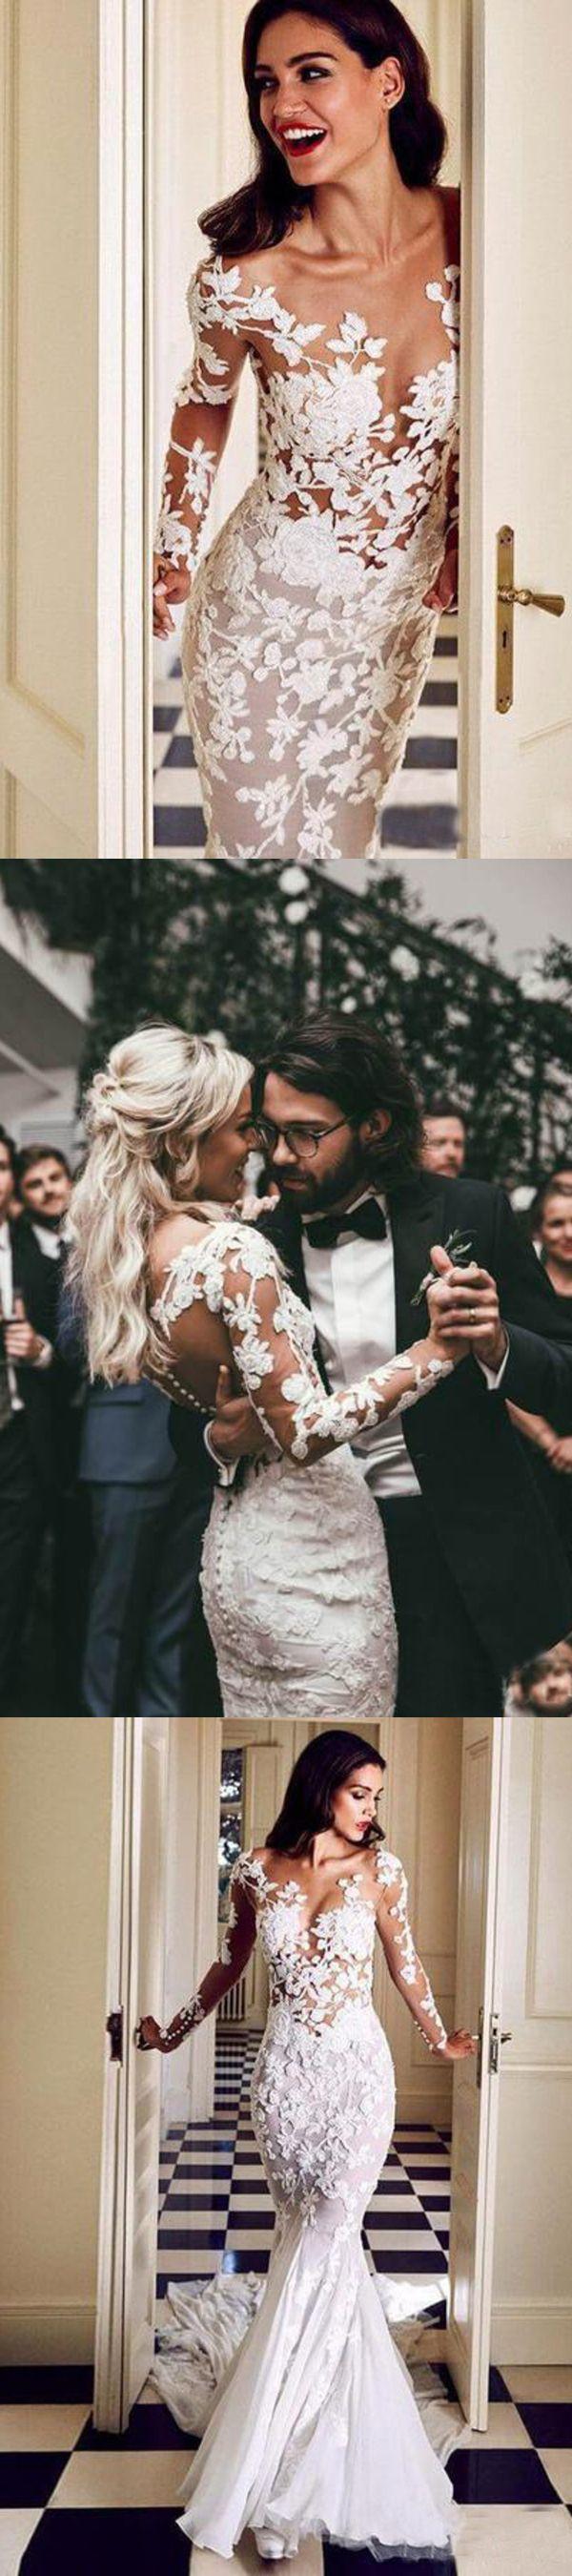 Durchsichtig Lange Ärmel Meerjungfrau Brautkleider Spitze Applique Brautkleid #spitzeapplique